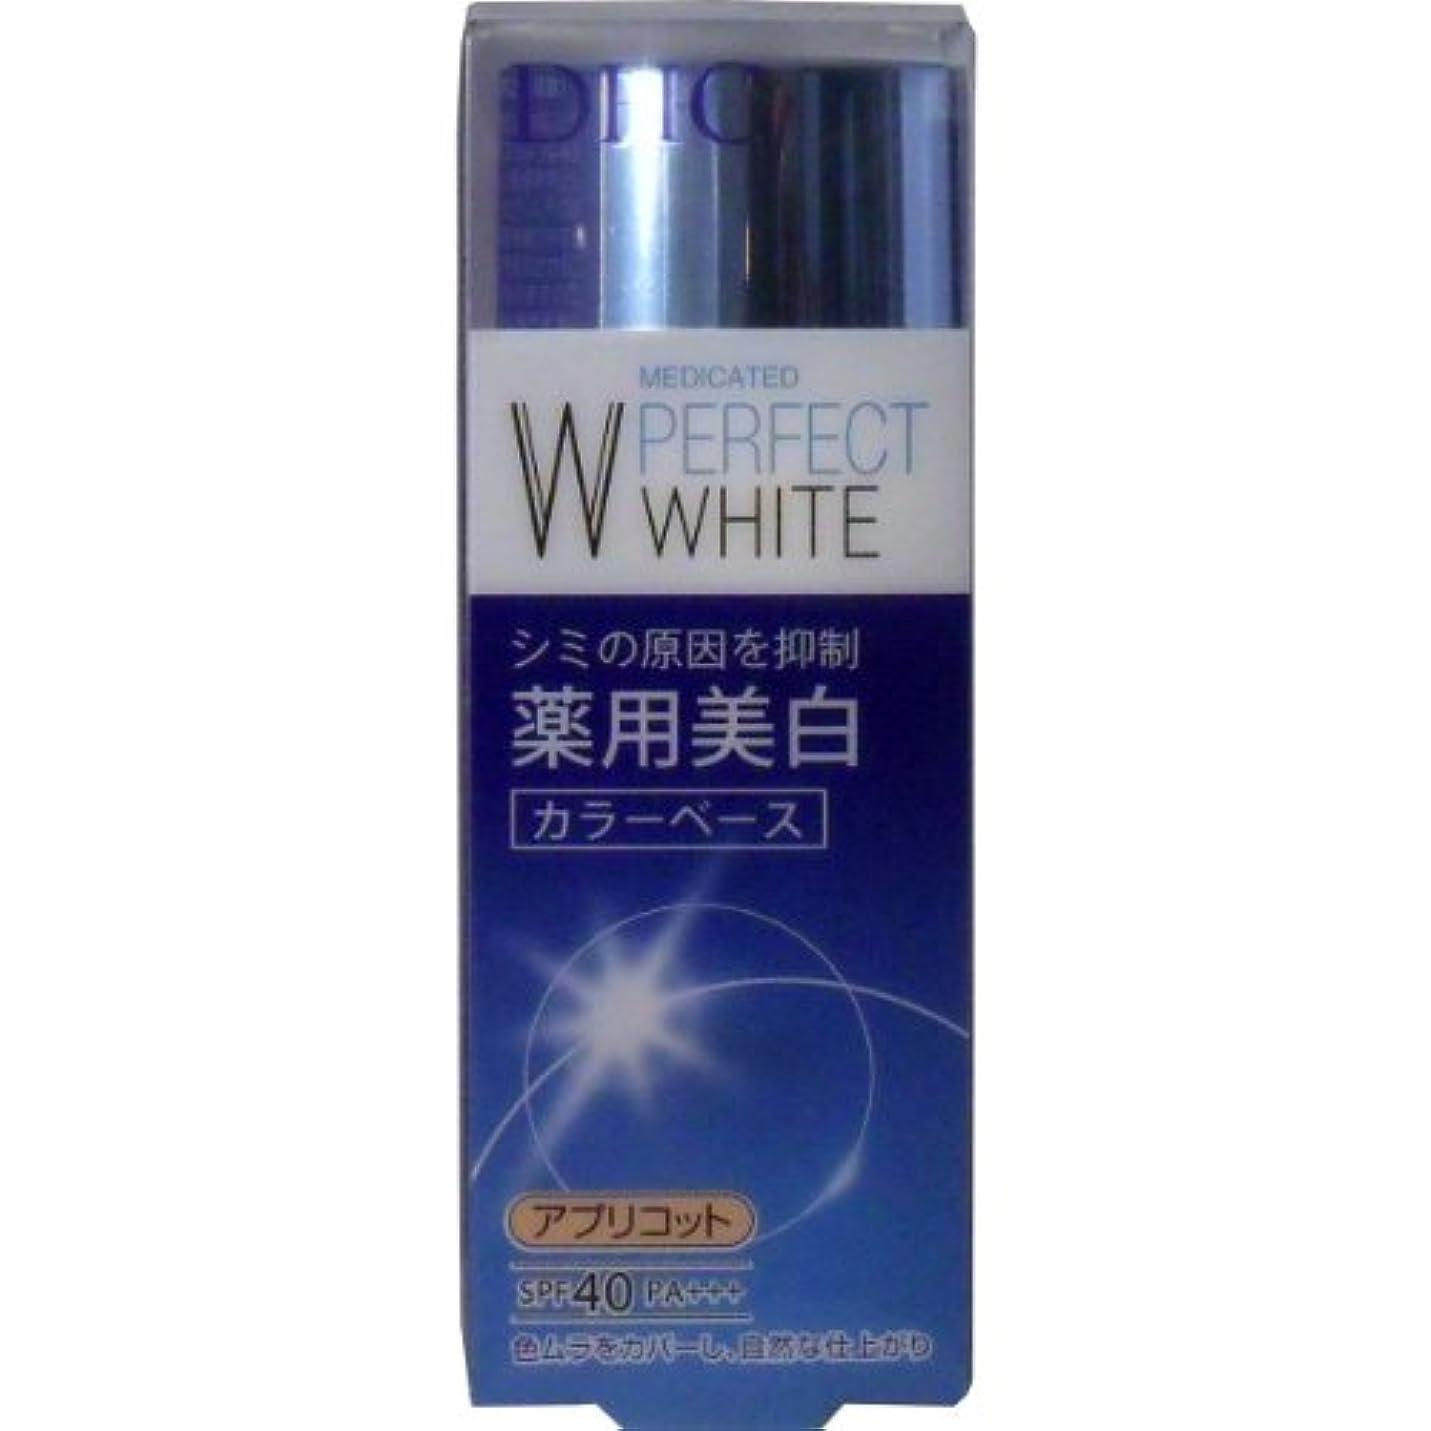 咲く類推ビュッフェDHC 薬用美白パーフェクトホワイト カラーベース アプリコット 30g (商品内訳:単品1個)